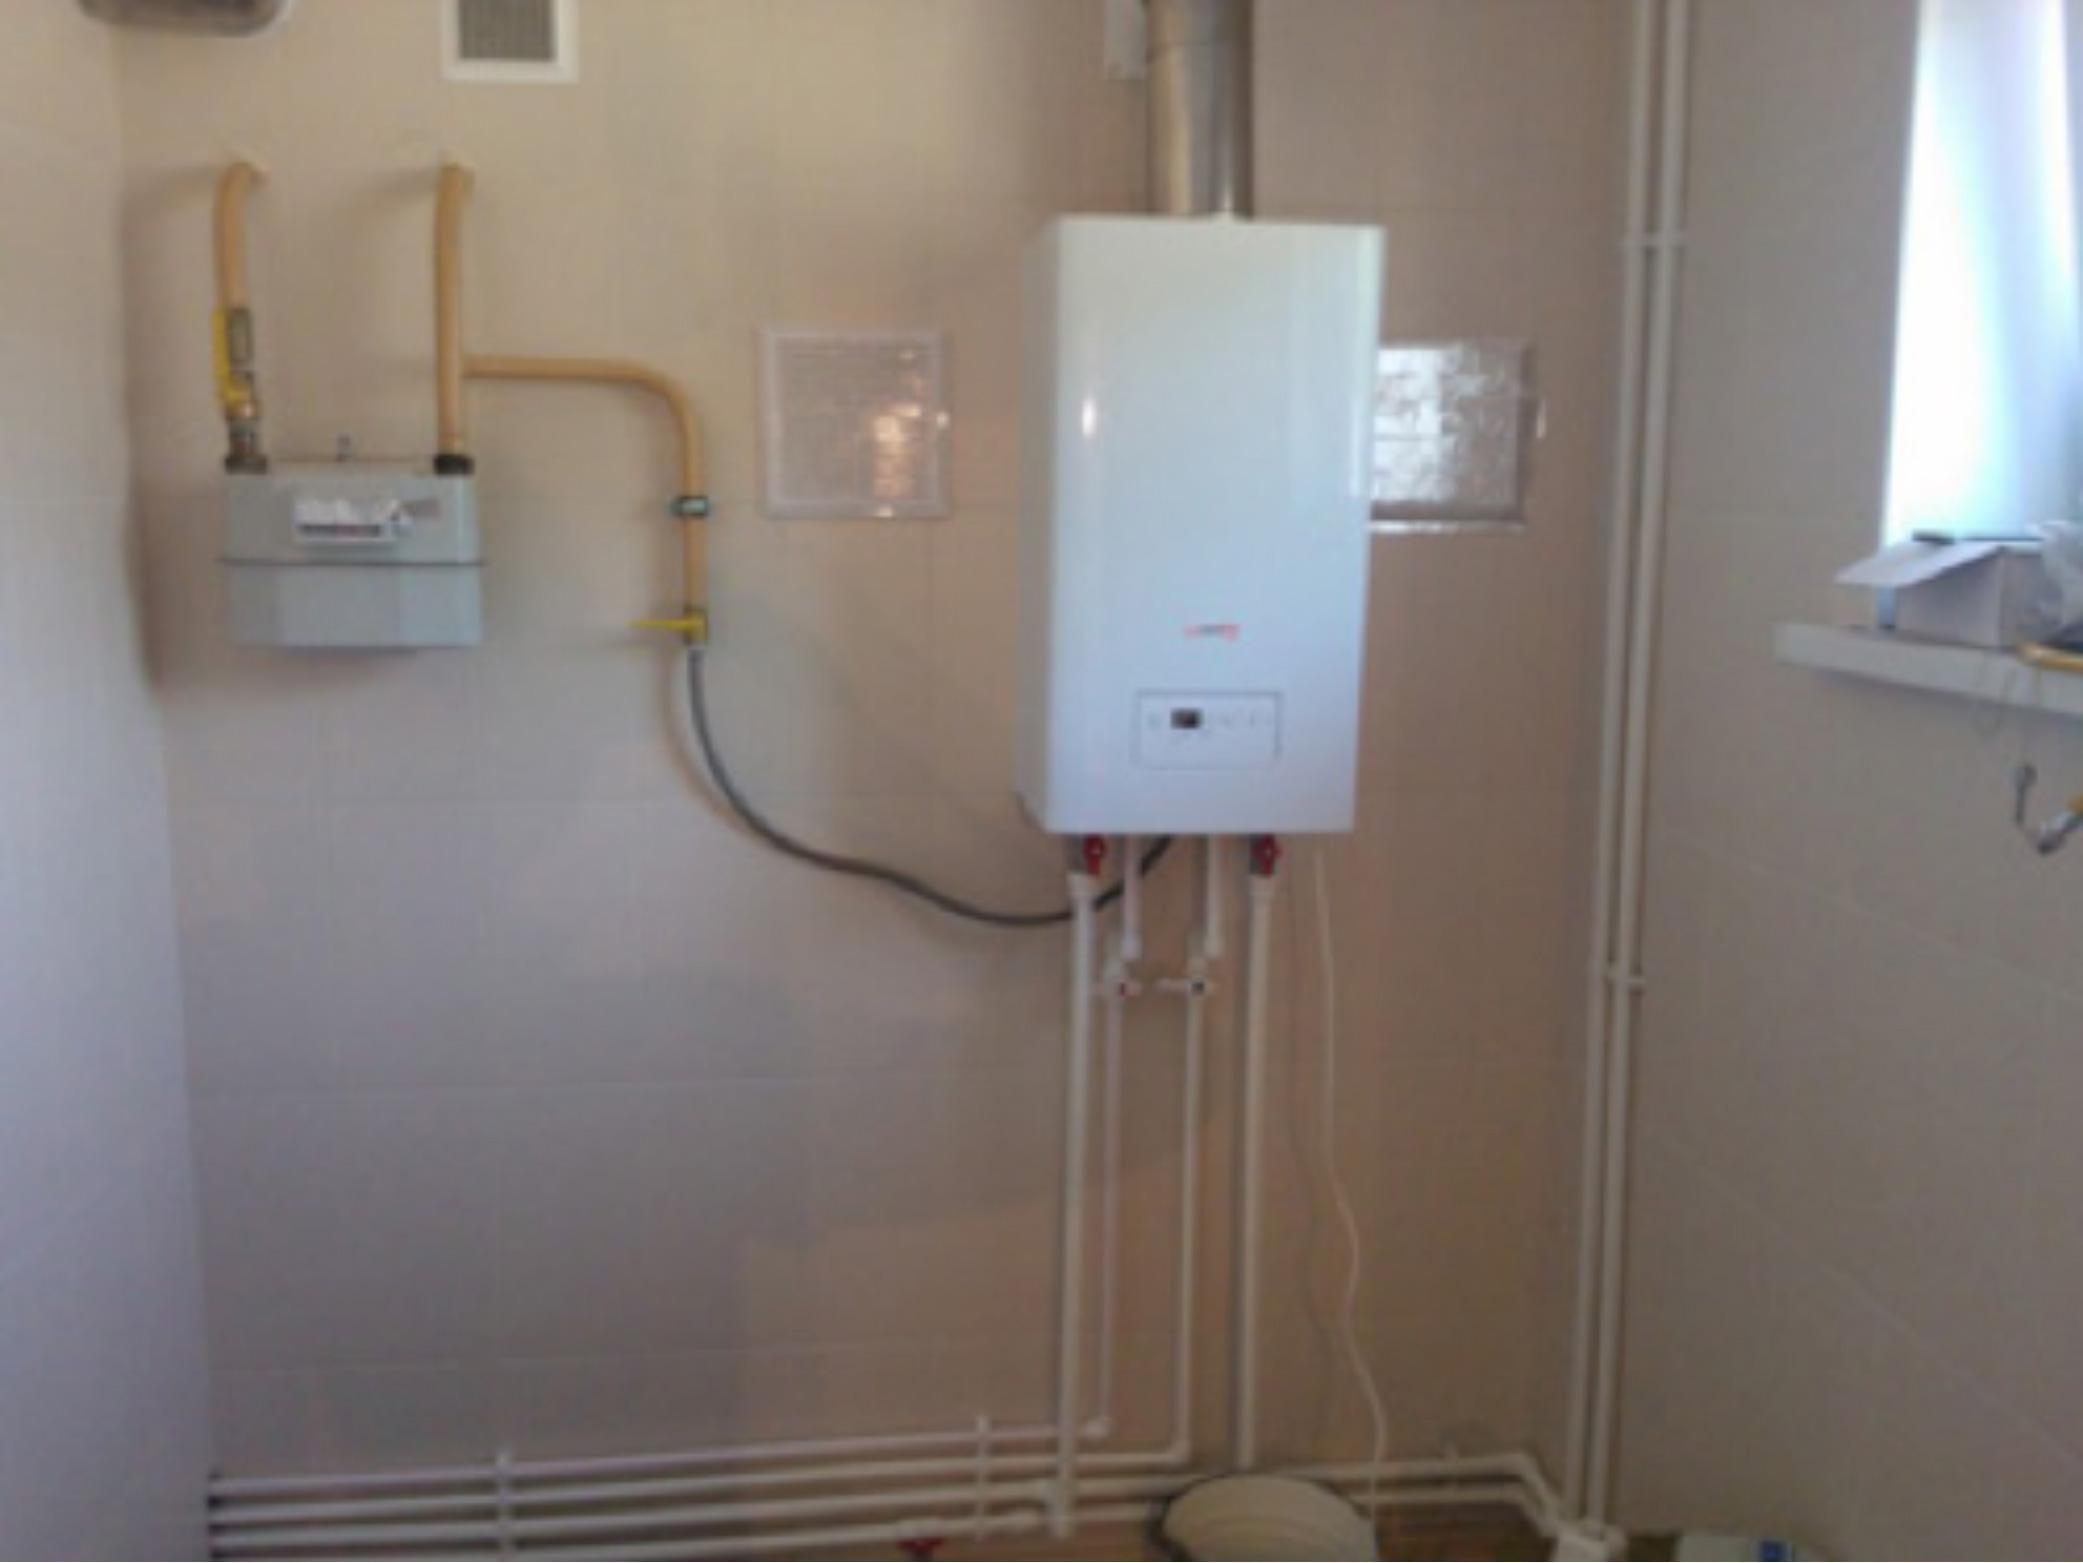 Как сделать автономное отопление для квартиры